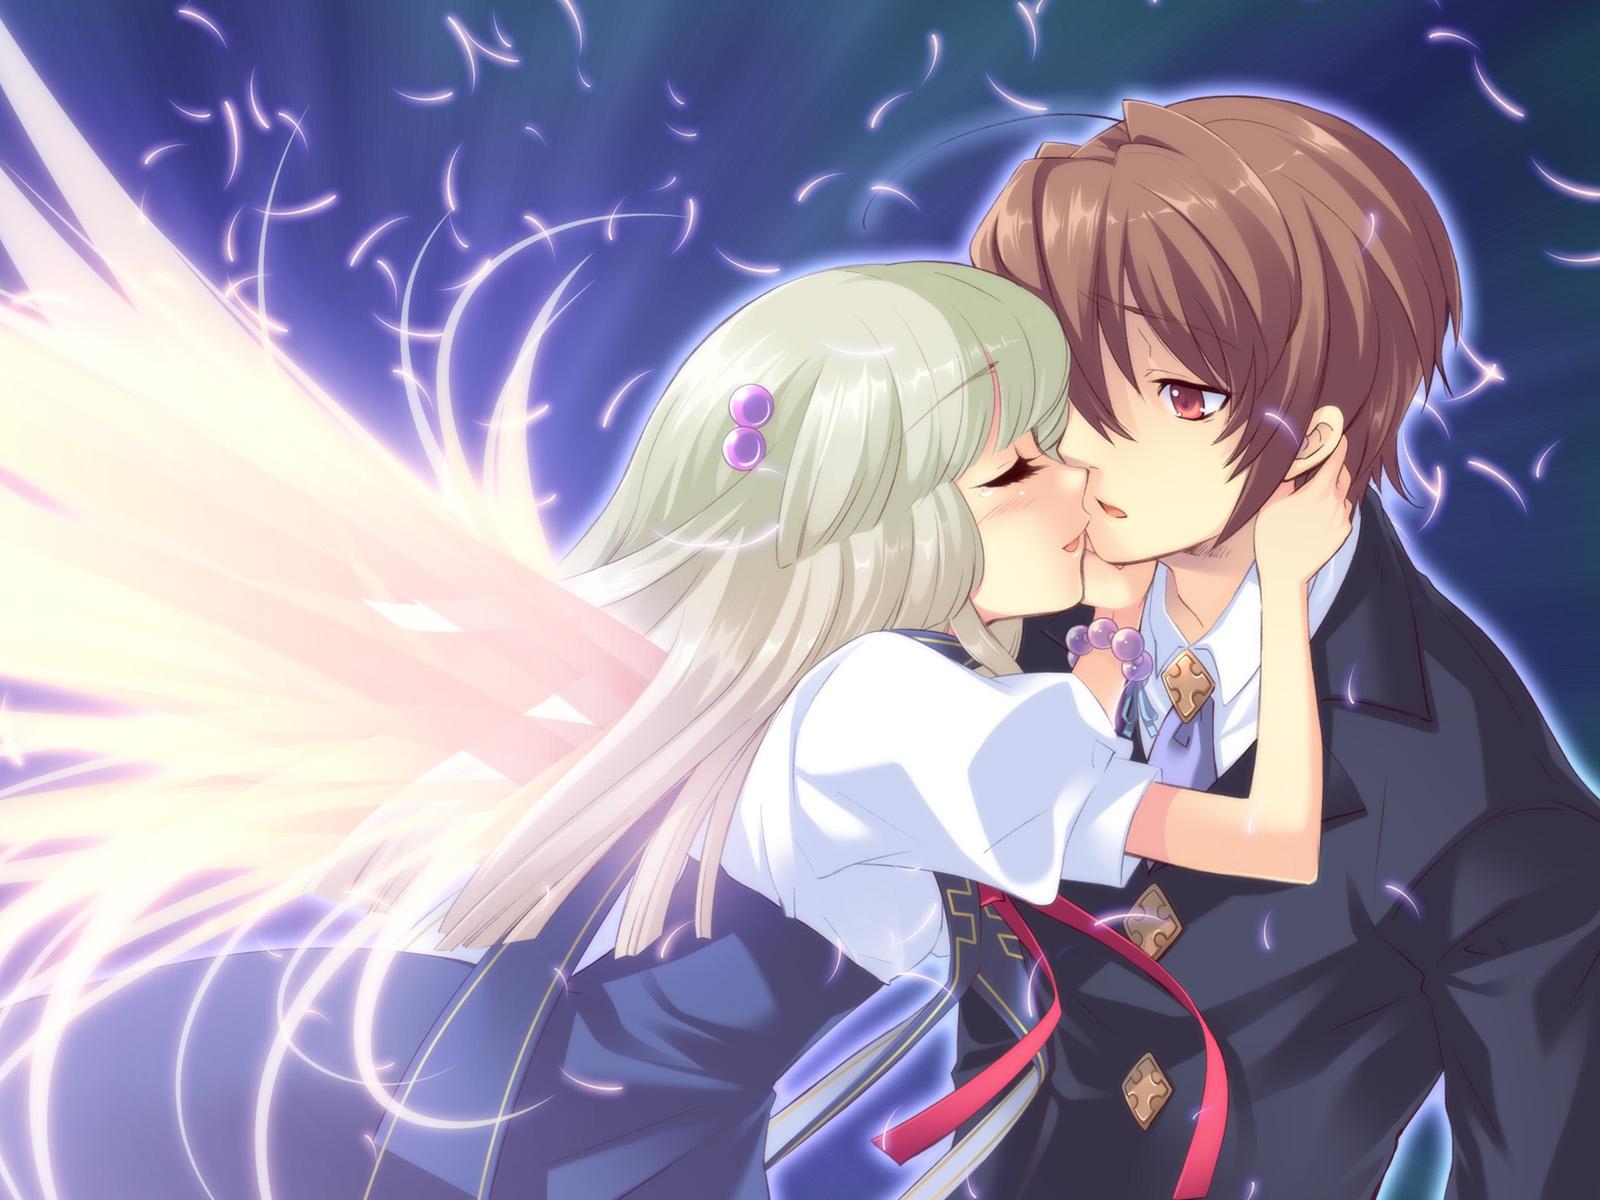 Смотреть онлайн аниме озорной поцелуй 23 фотография